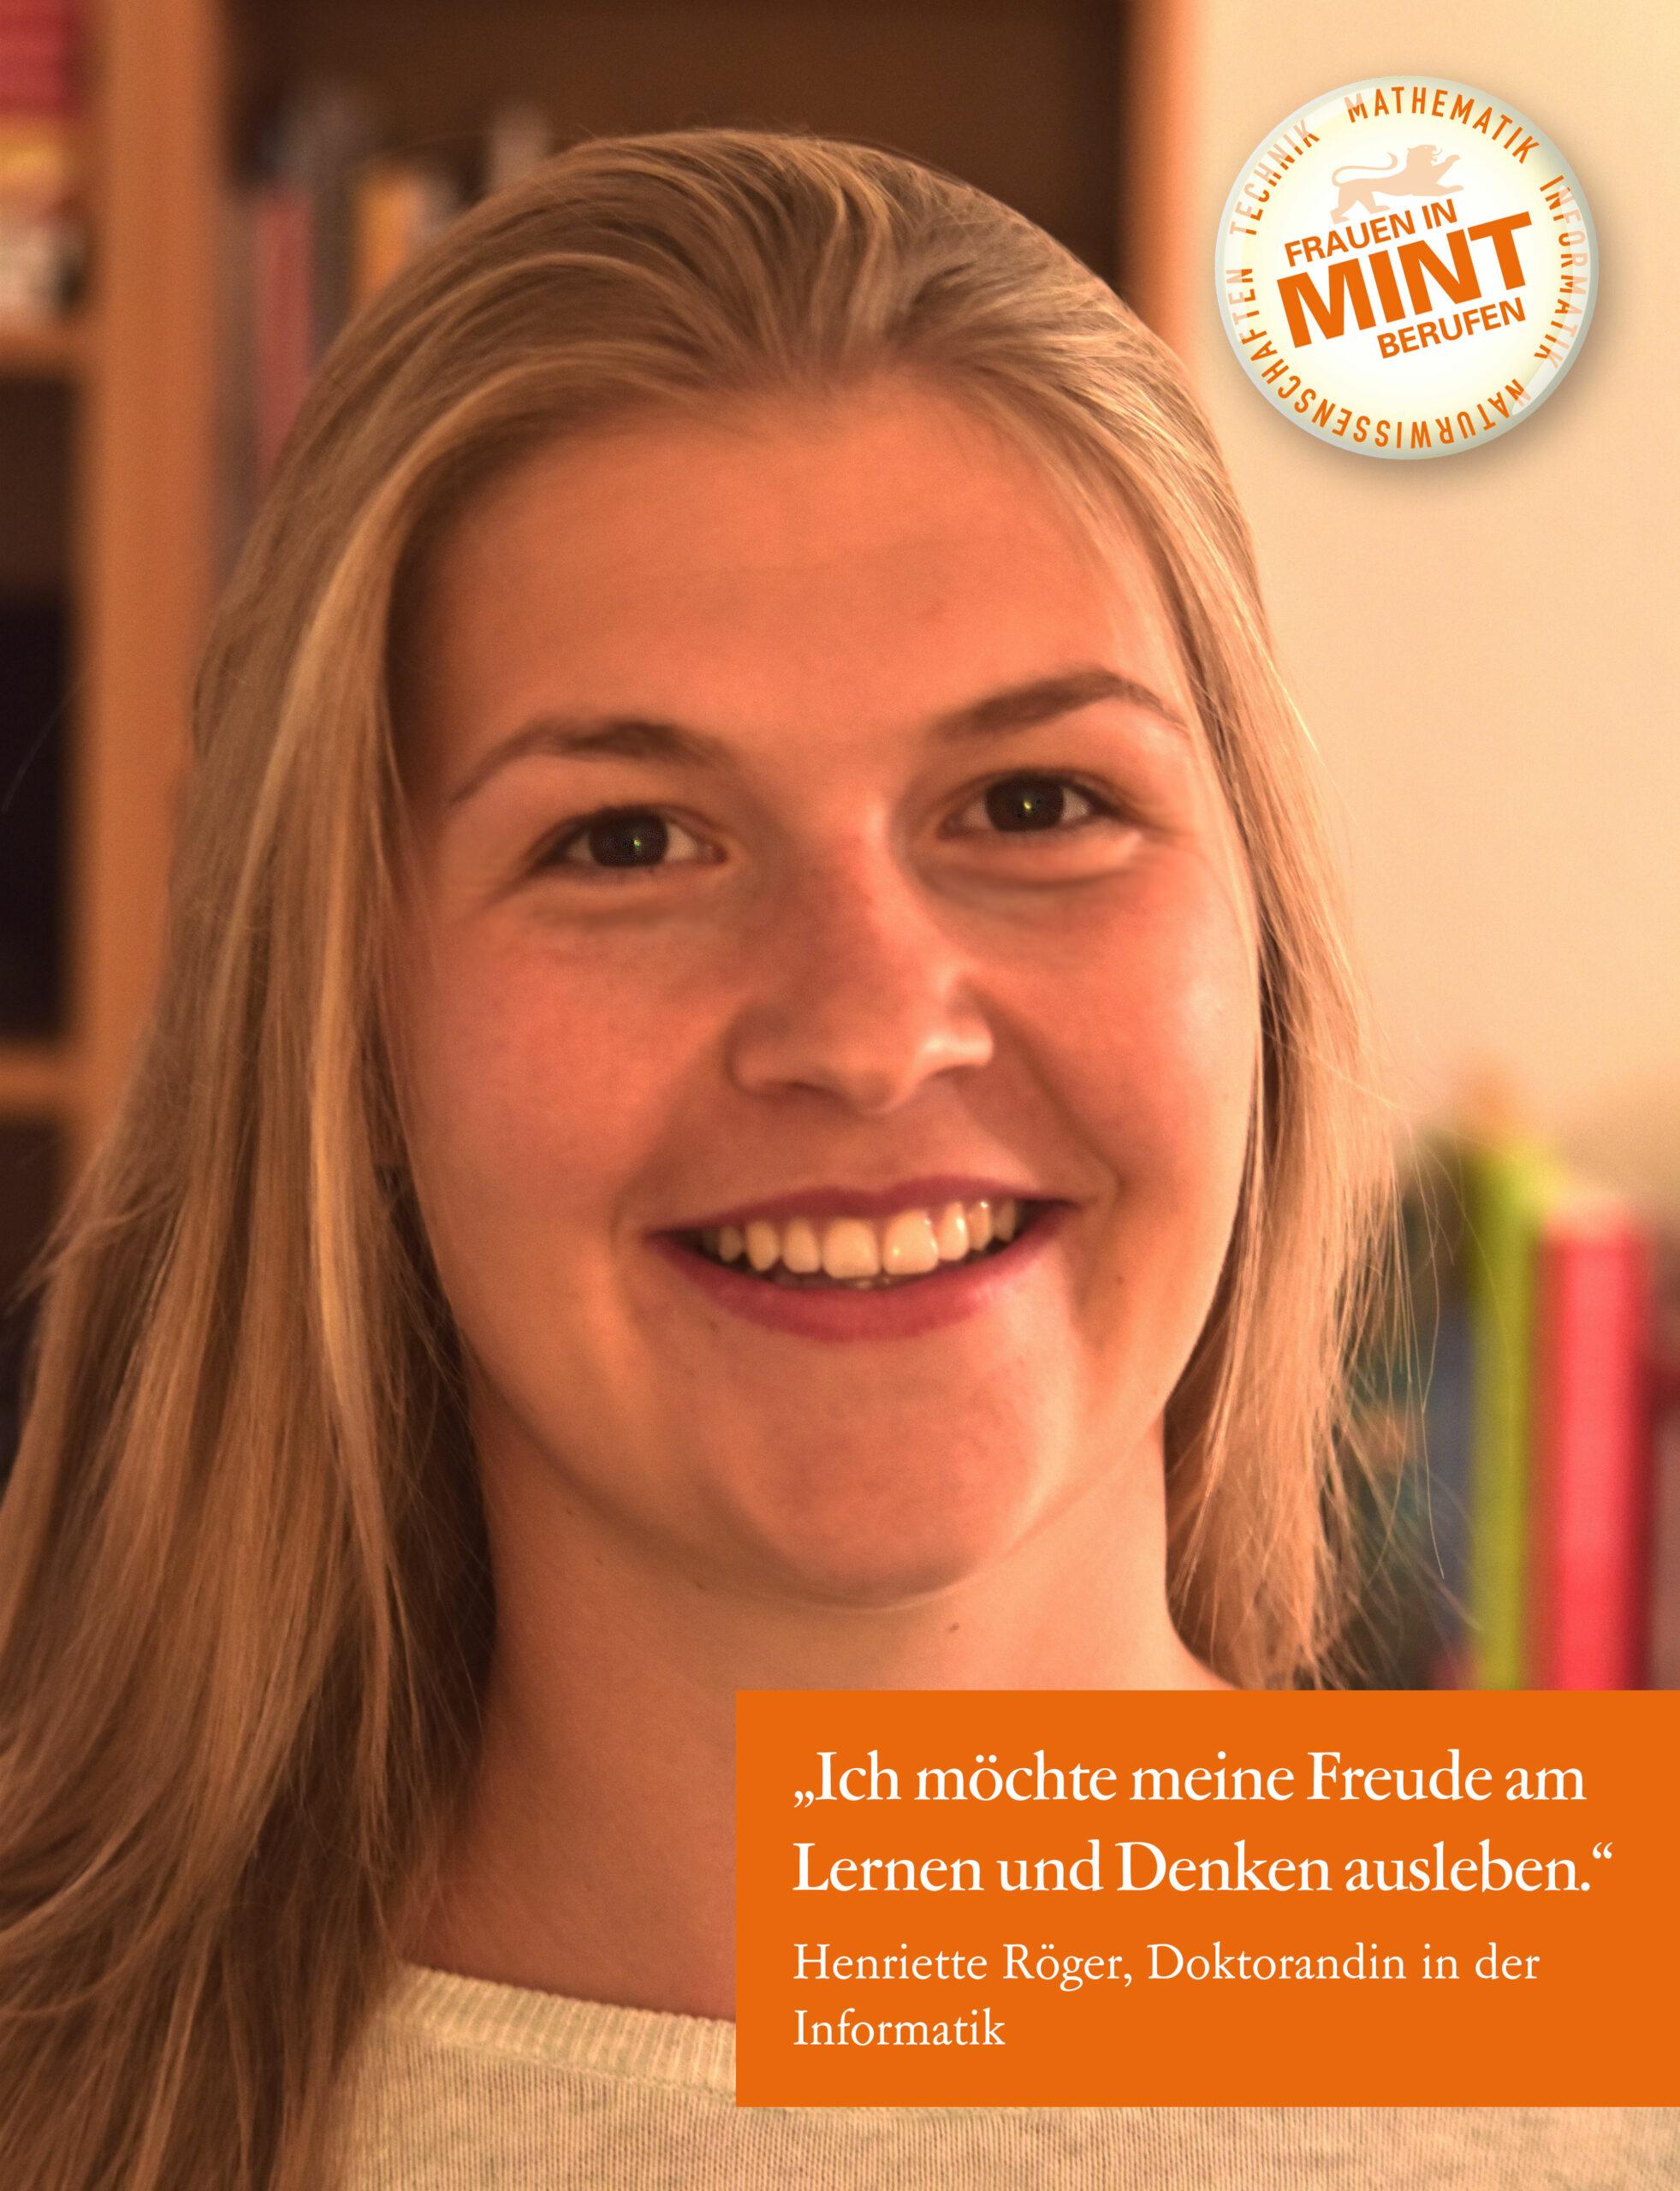 Die Doktorandin der Informatik Henriette Röger lächelt freundlich in die Kamera. Im Bild ist ein Zitat von ihr eingefügt: Ich möchte meine Freude am Lernen und Denken ausleben.